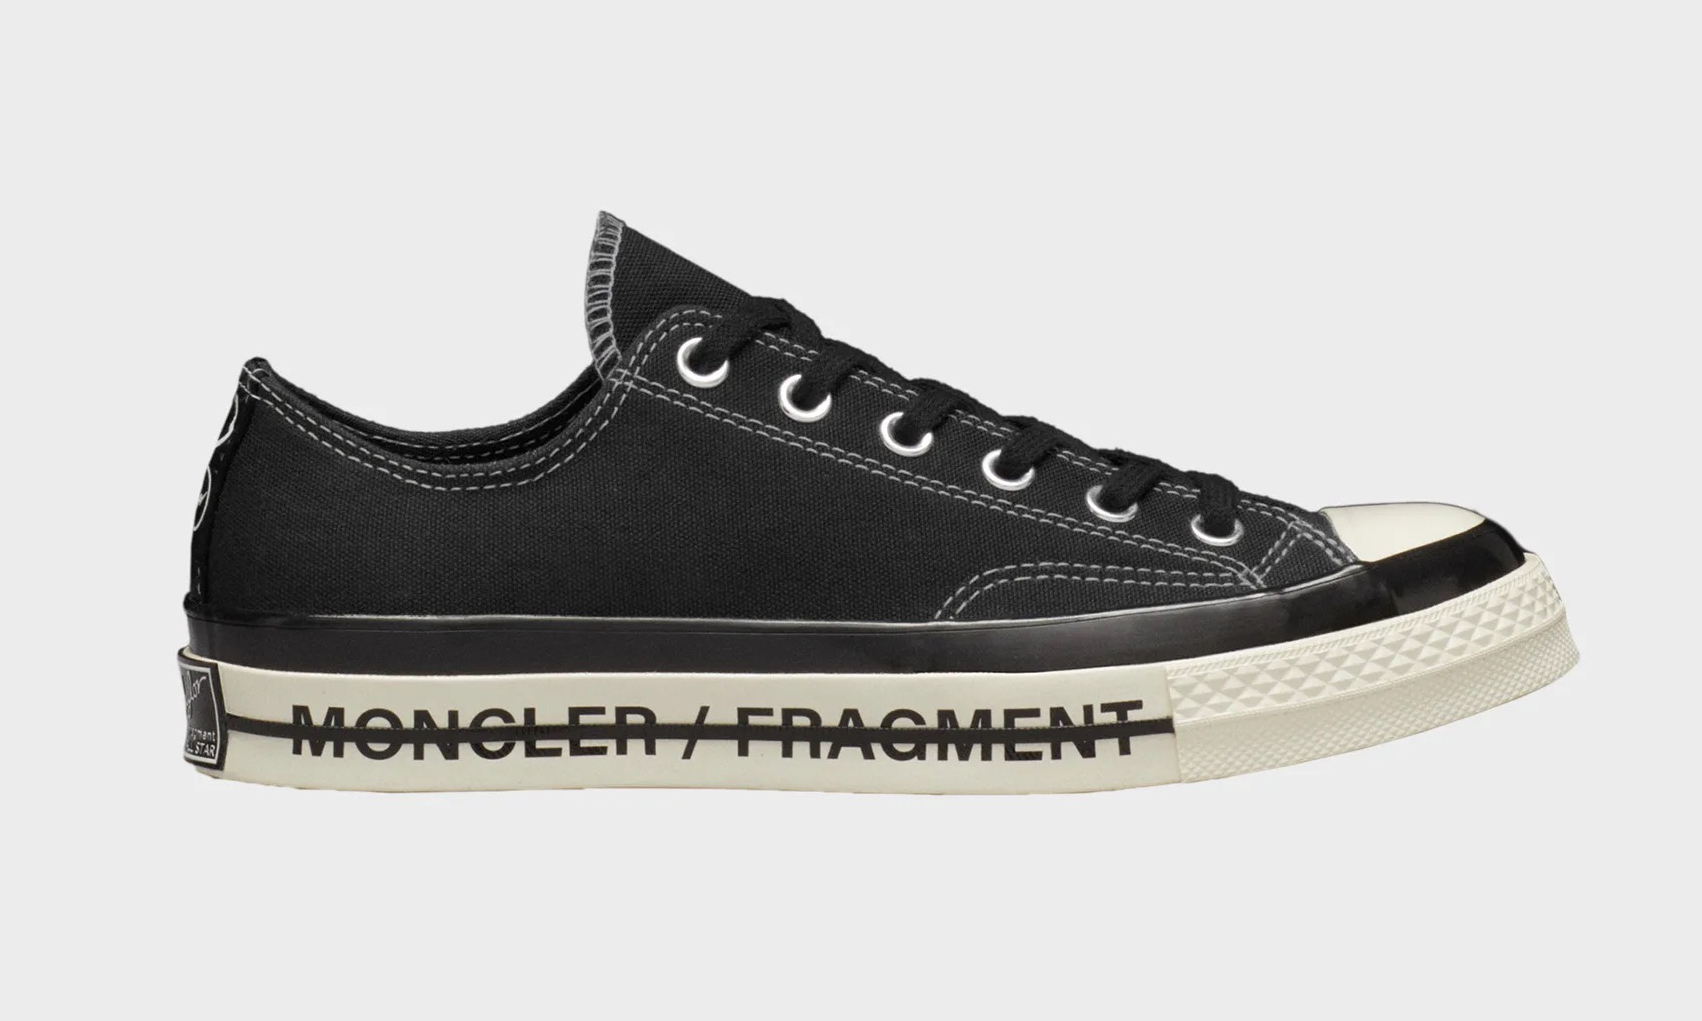 MONCLER x fragment design x CONVERSE 联名鞋款系列发布